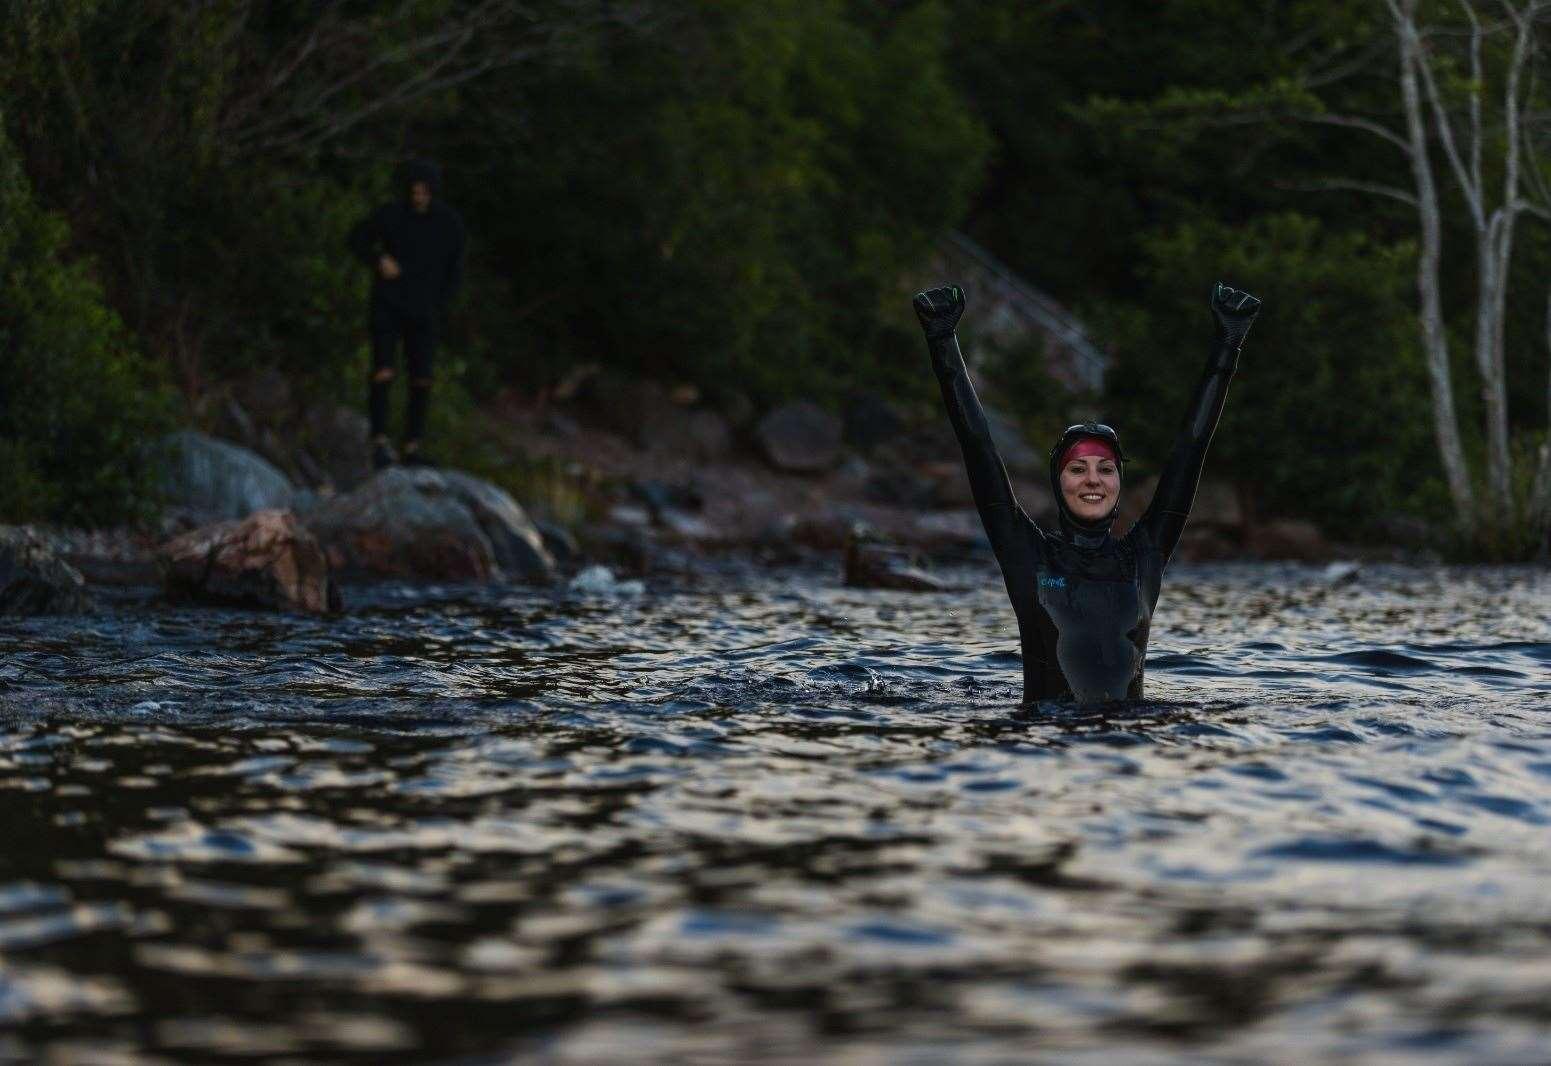 Monster swim raises £3k for suicide charity